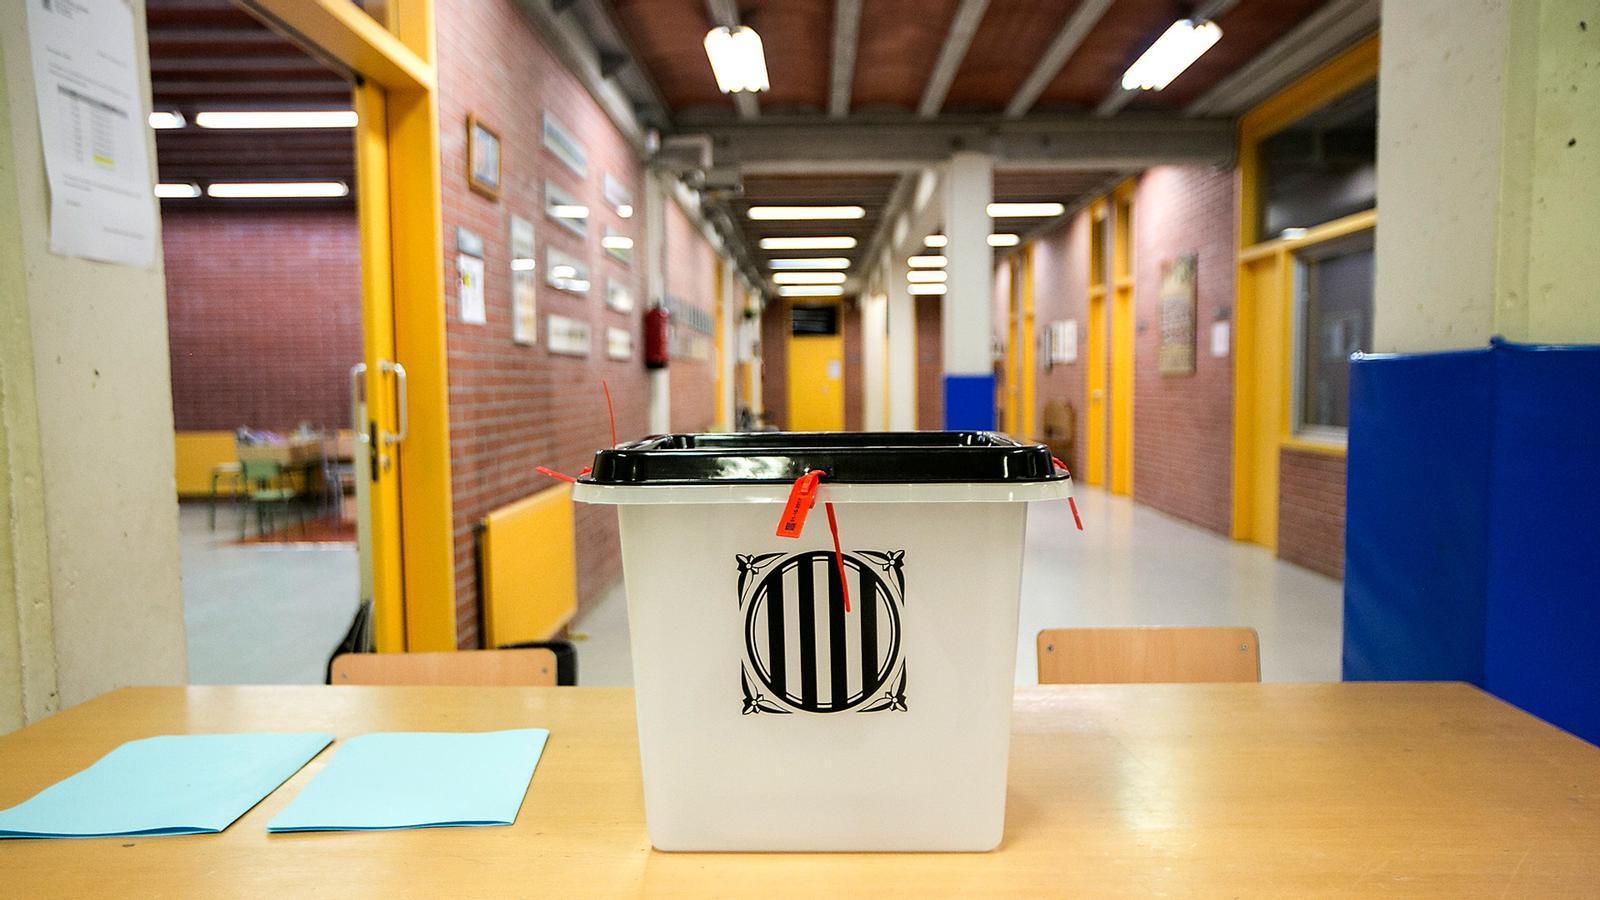 L'anàlisi d'Antoni Bassas: 'Votarem!, han vingut a la nostra'